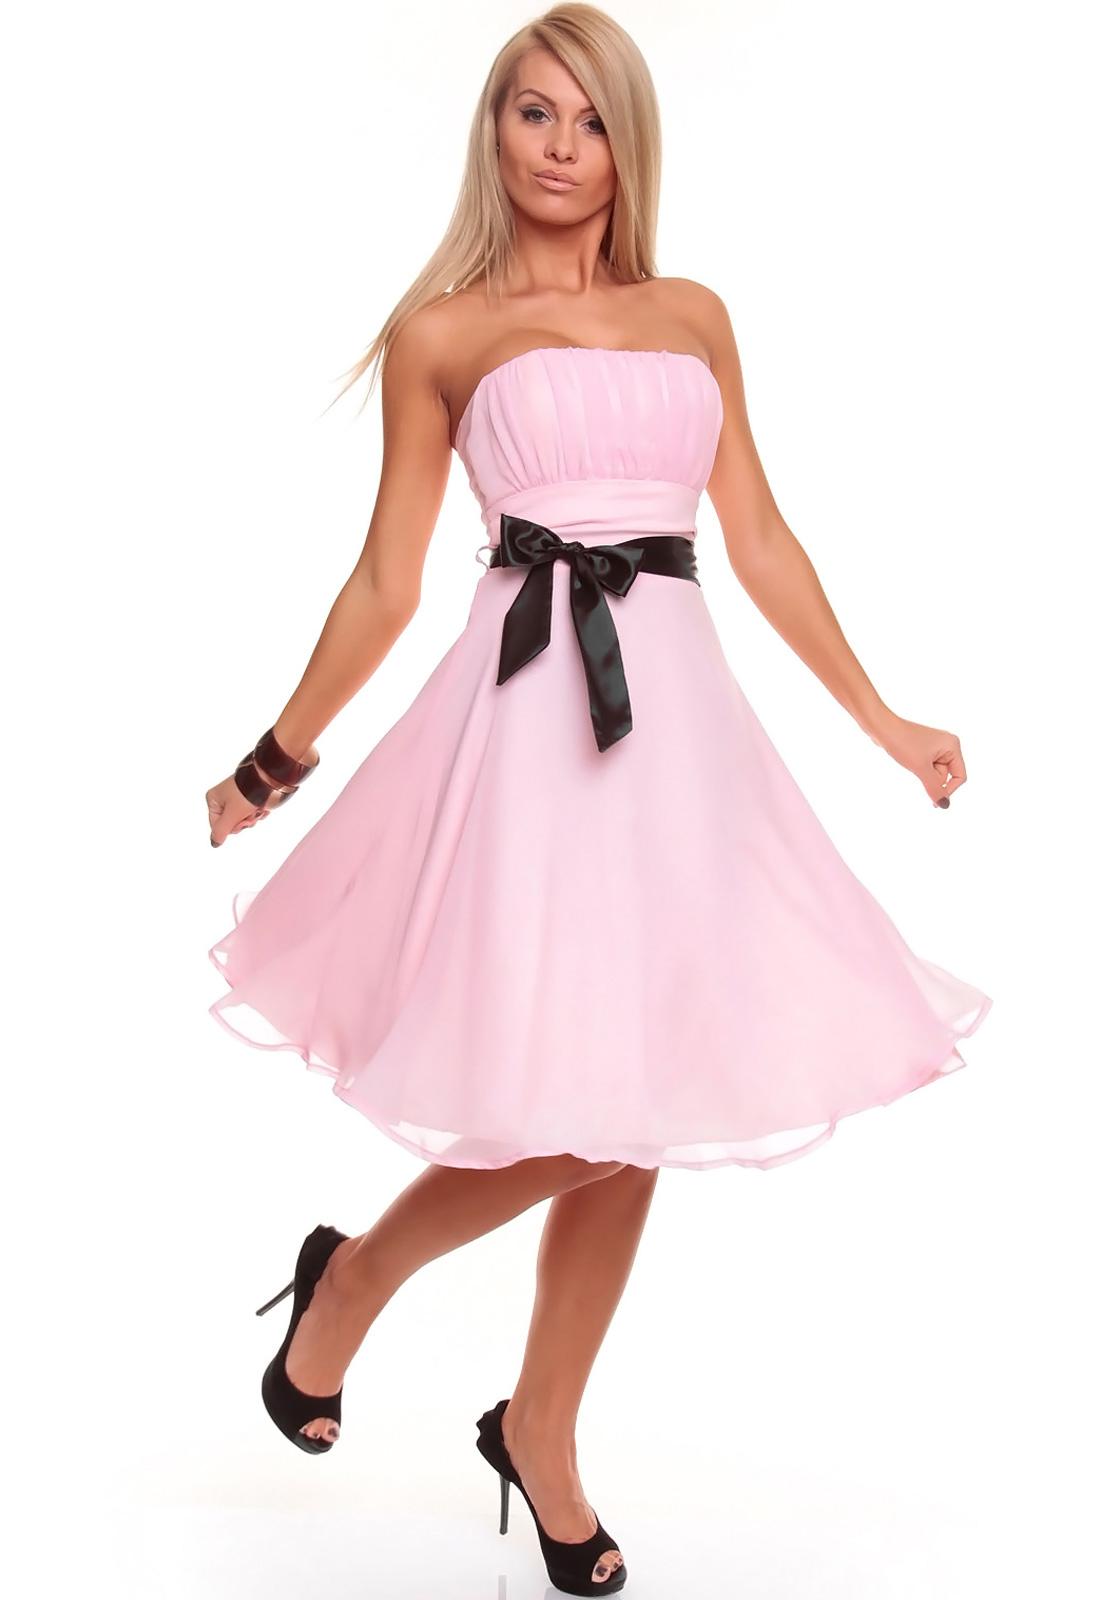 Charmant Mädchenkleider Für Hochzeiten Bilder - Brautkleider Ideen ...